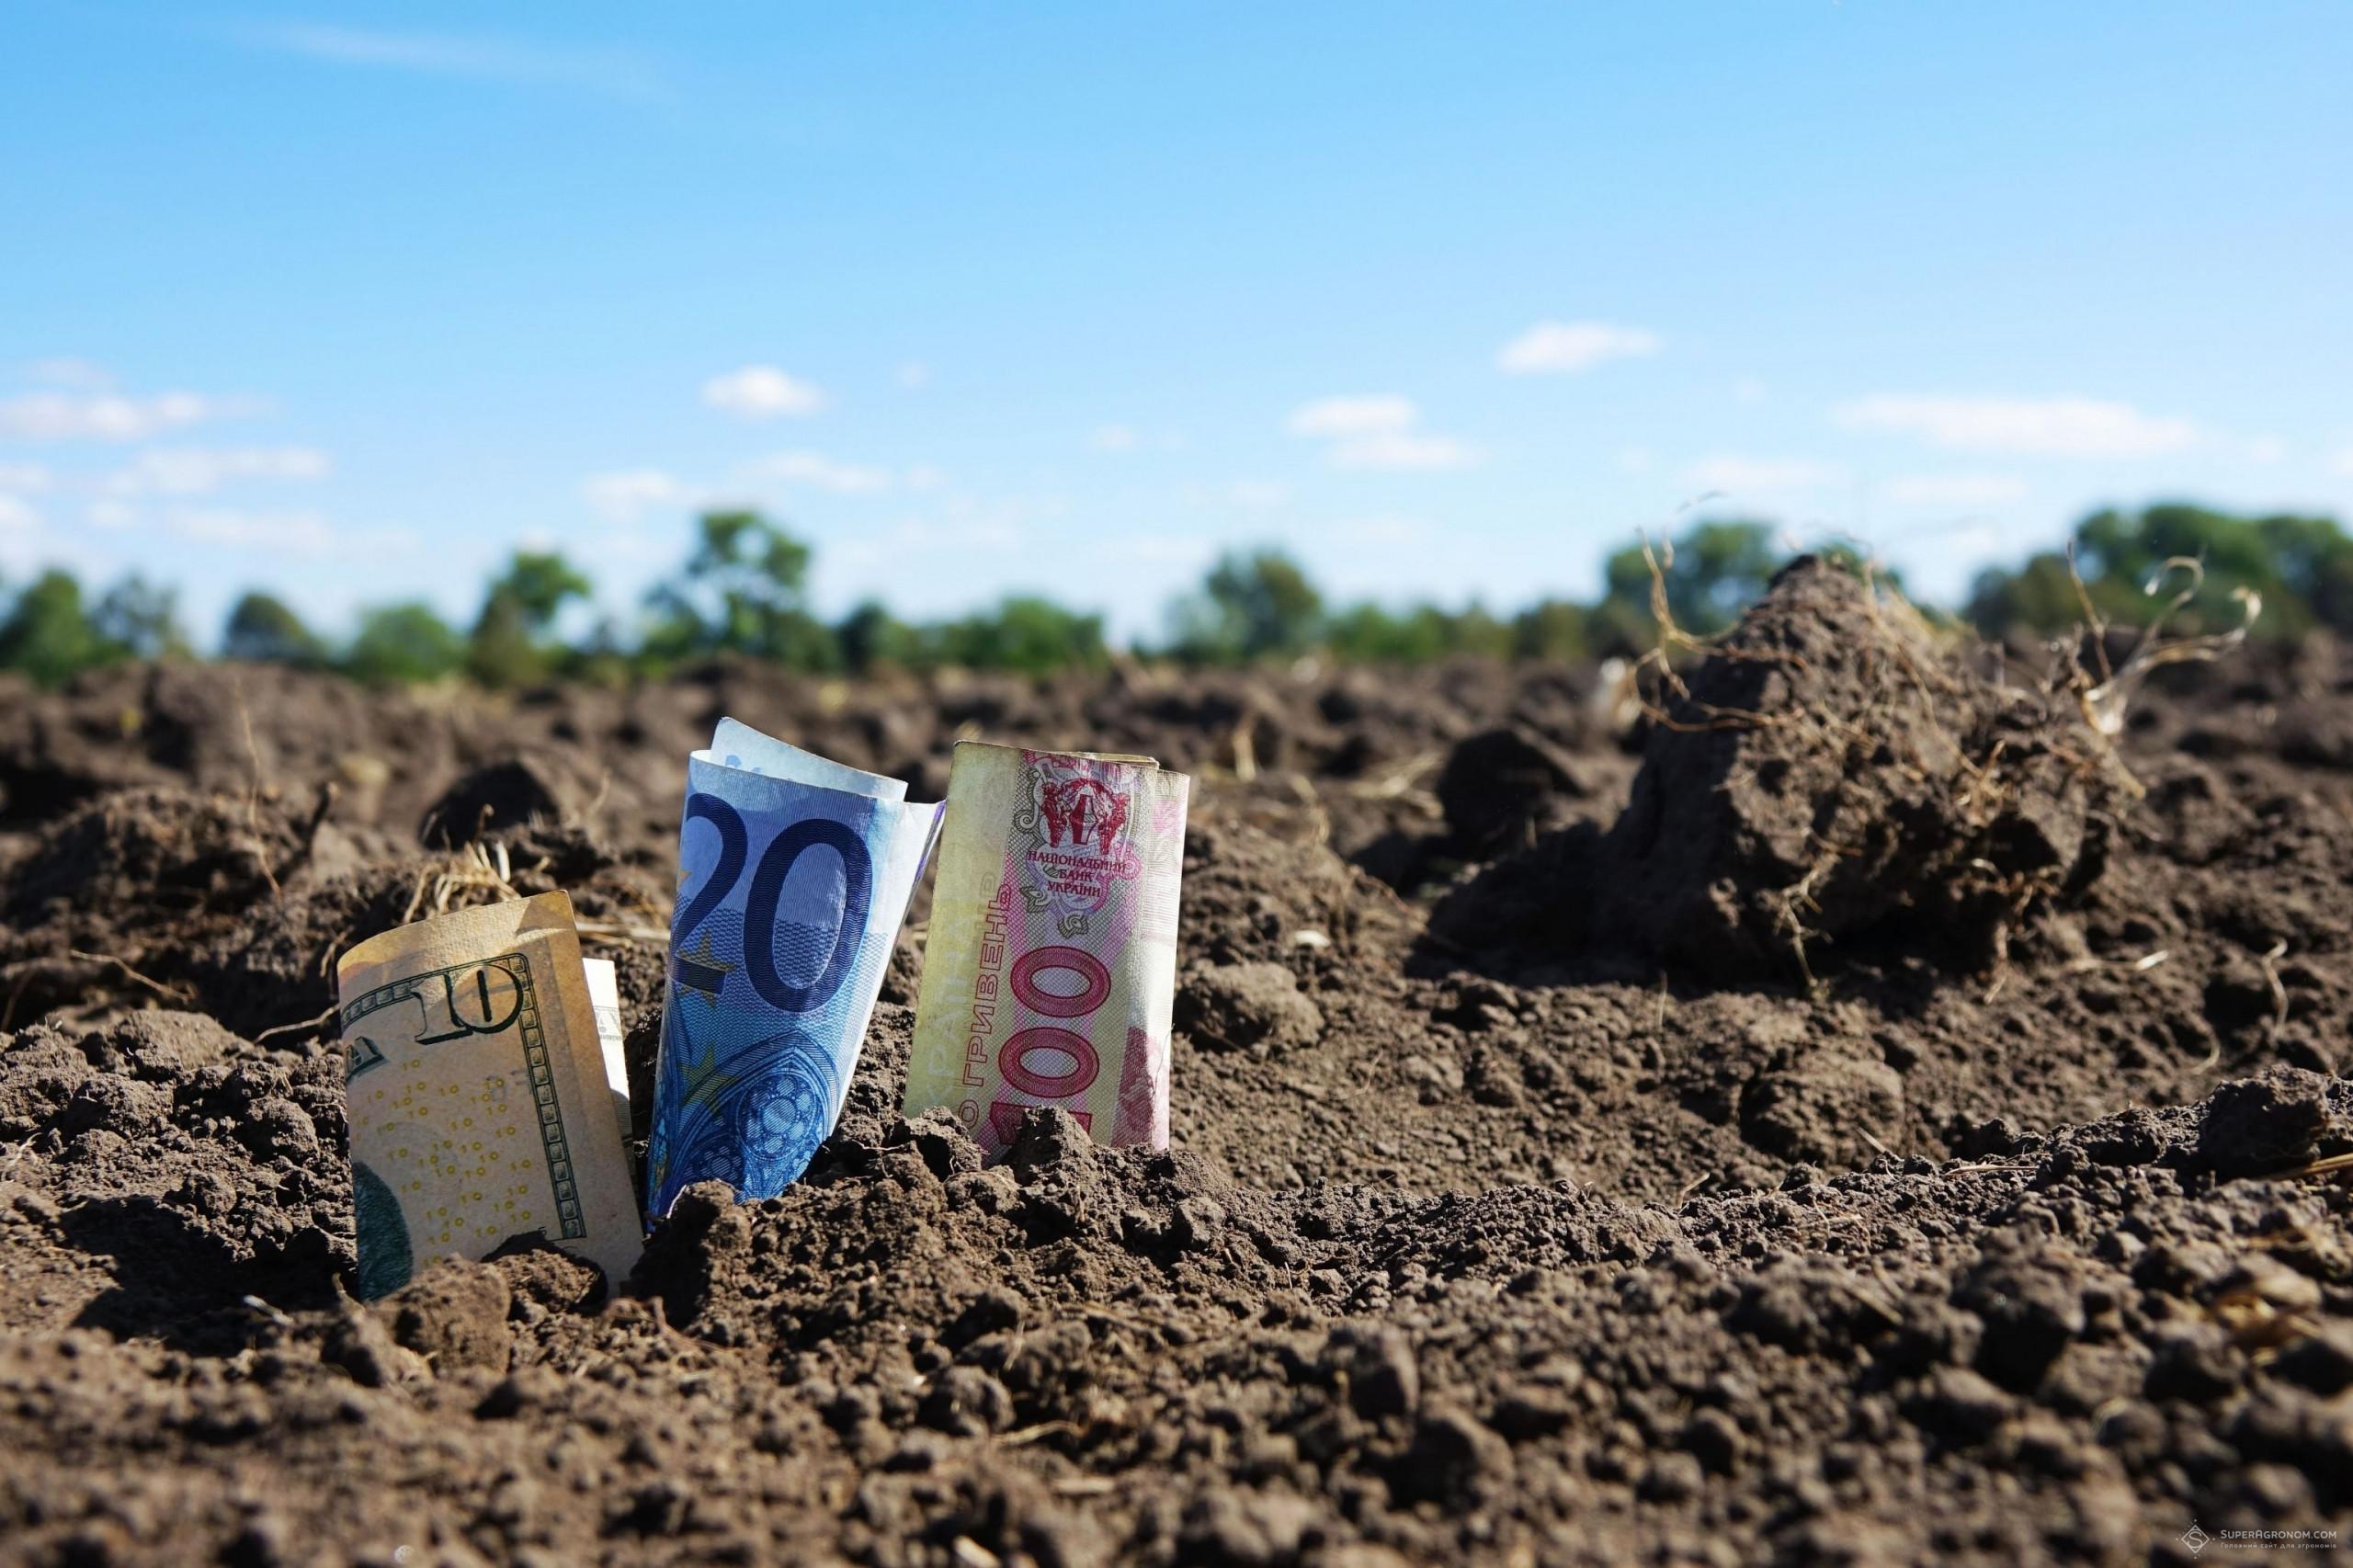 Открытие рынка земли может провалиться из-за нежелания украинцев продавать собственную землю